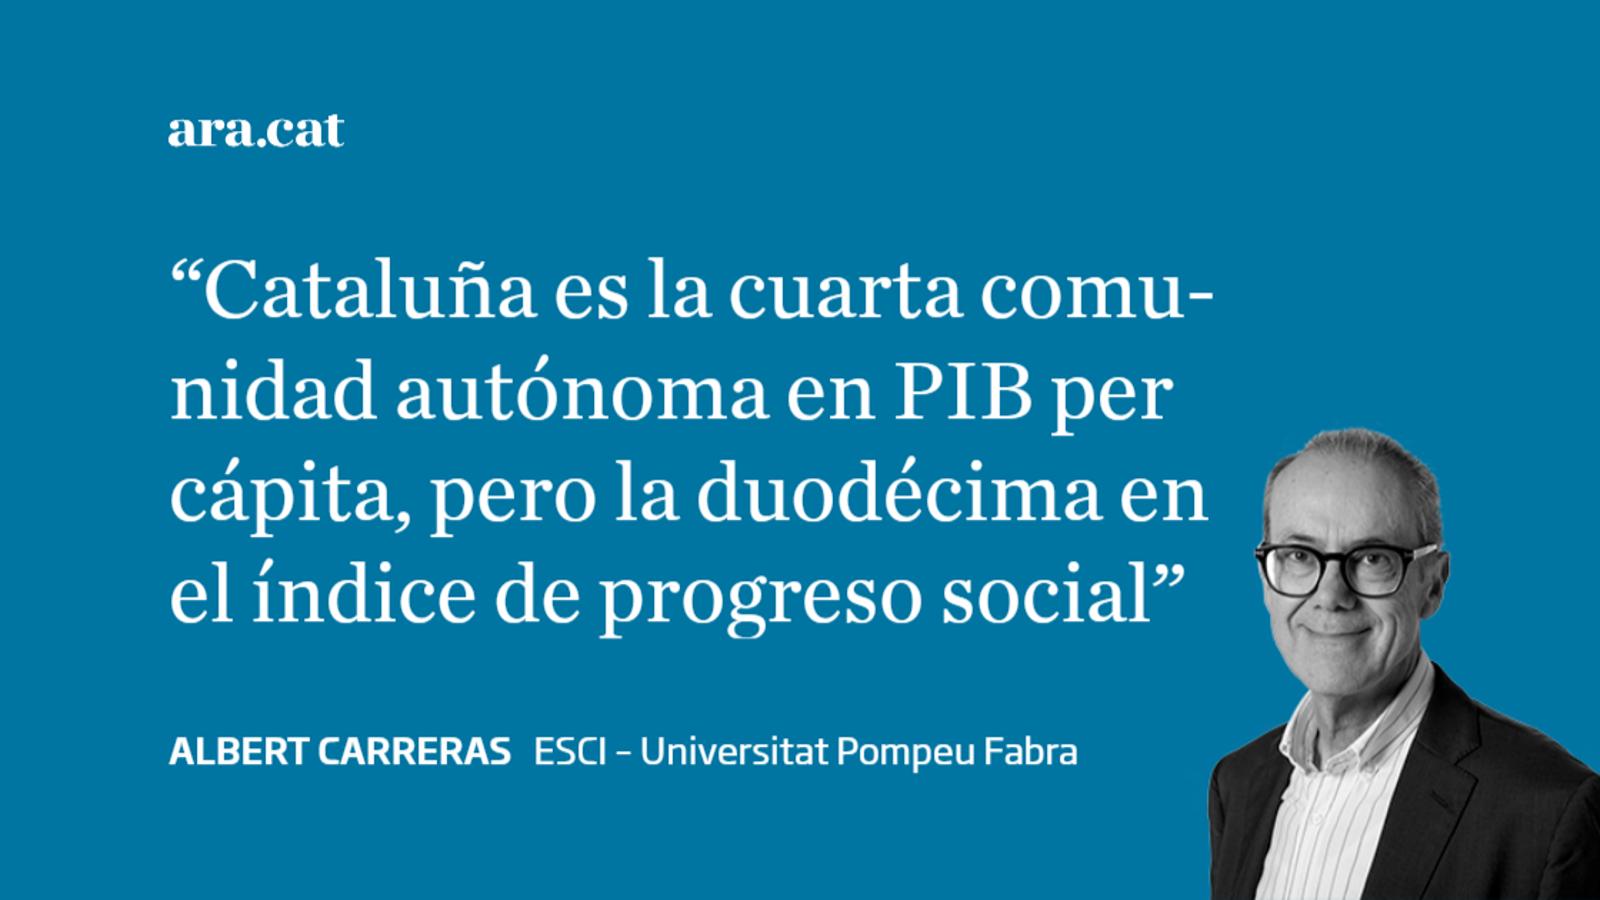 ¿Es Cataluña la comunidad autónoma más favorecida?